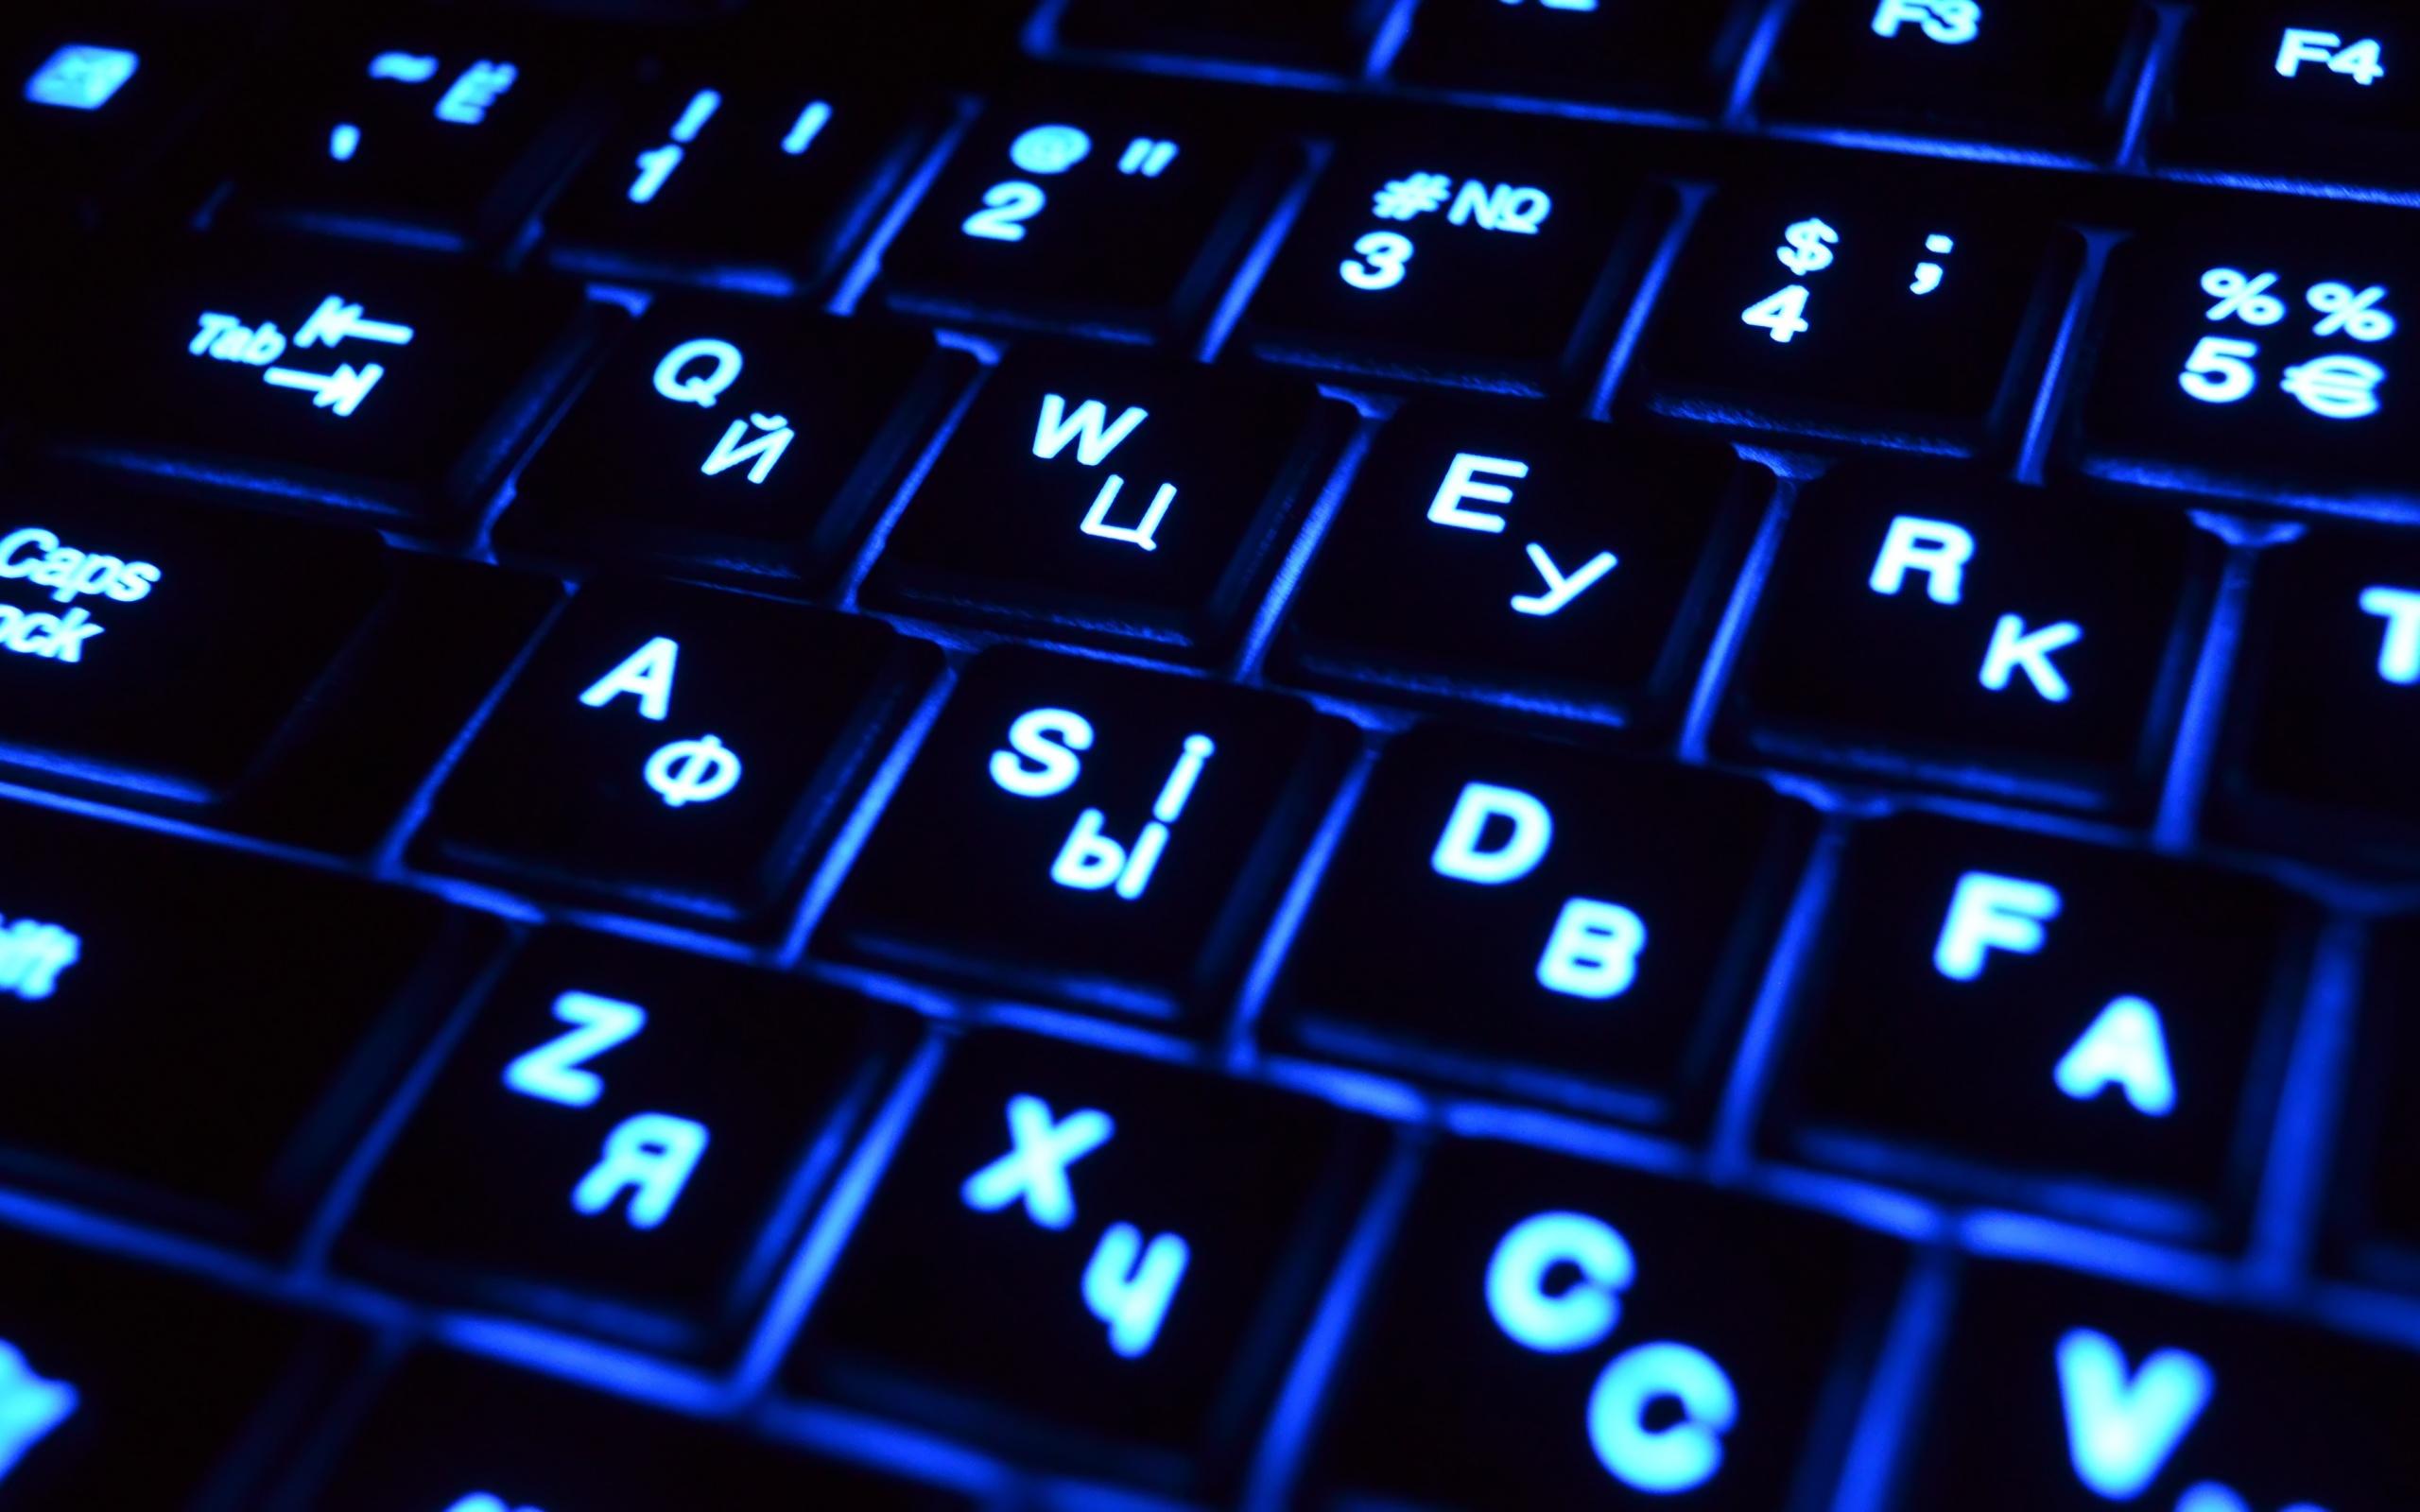 кнопка на клавиатуре  № 661208 бесплатно